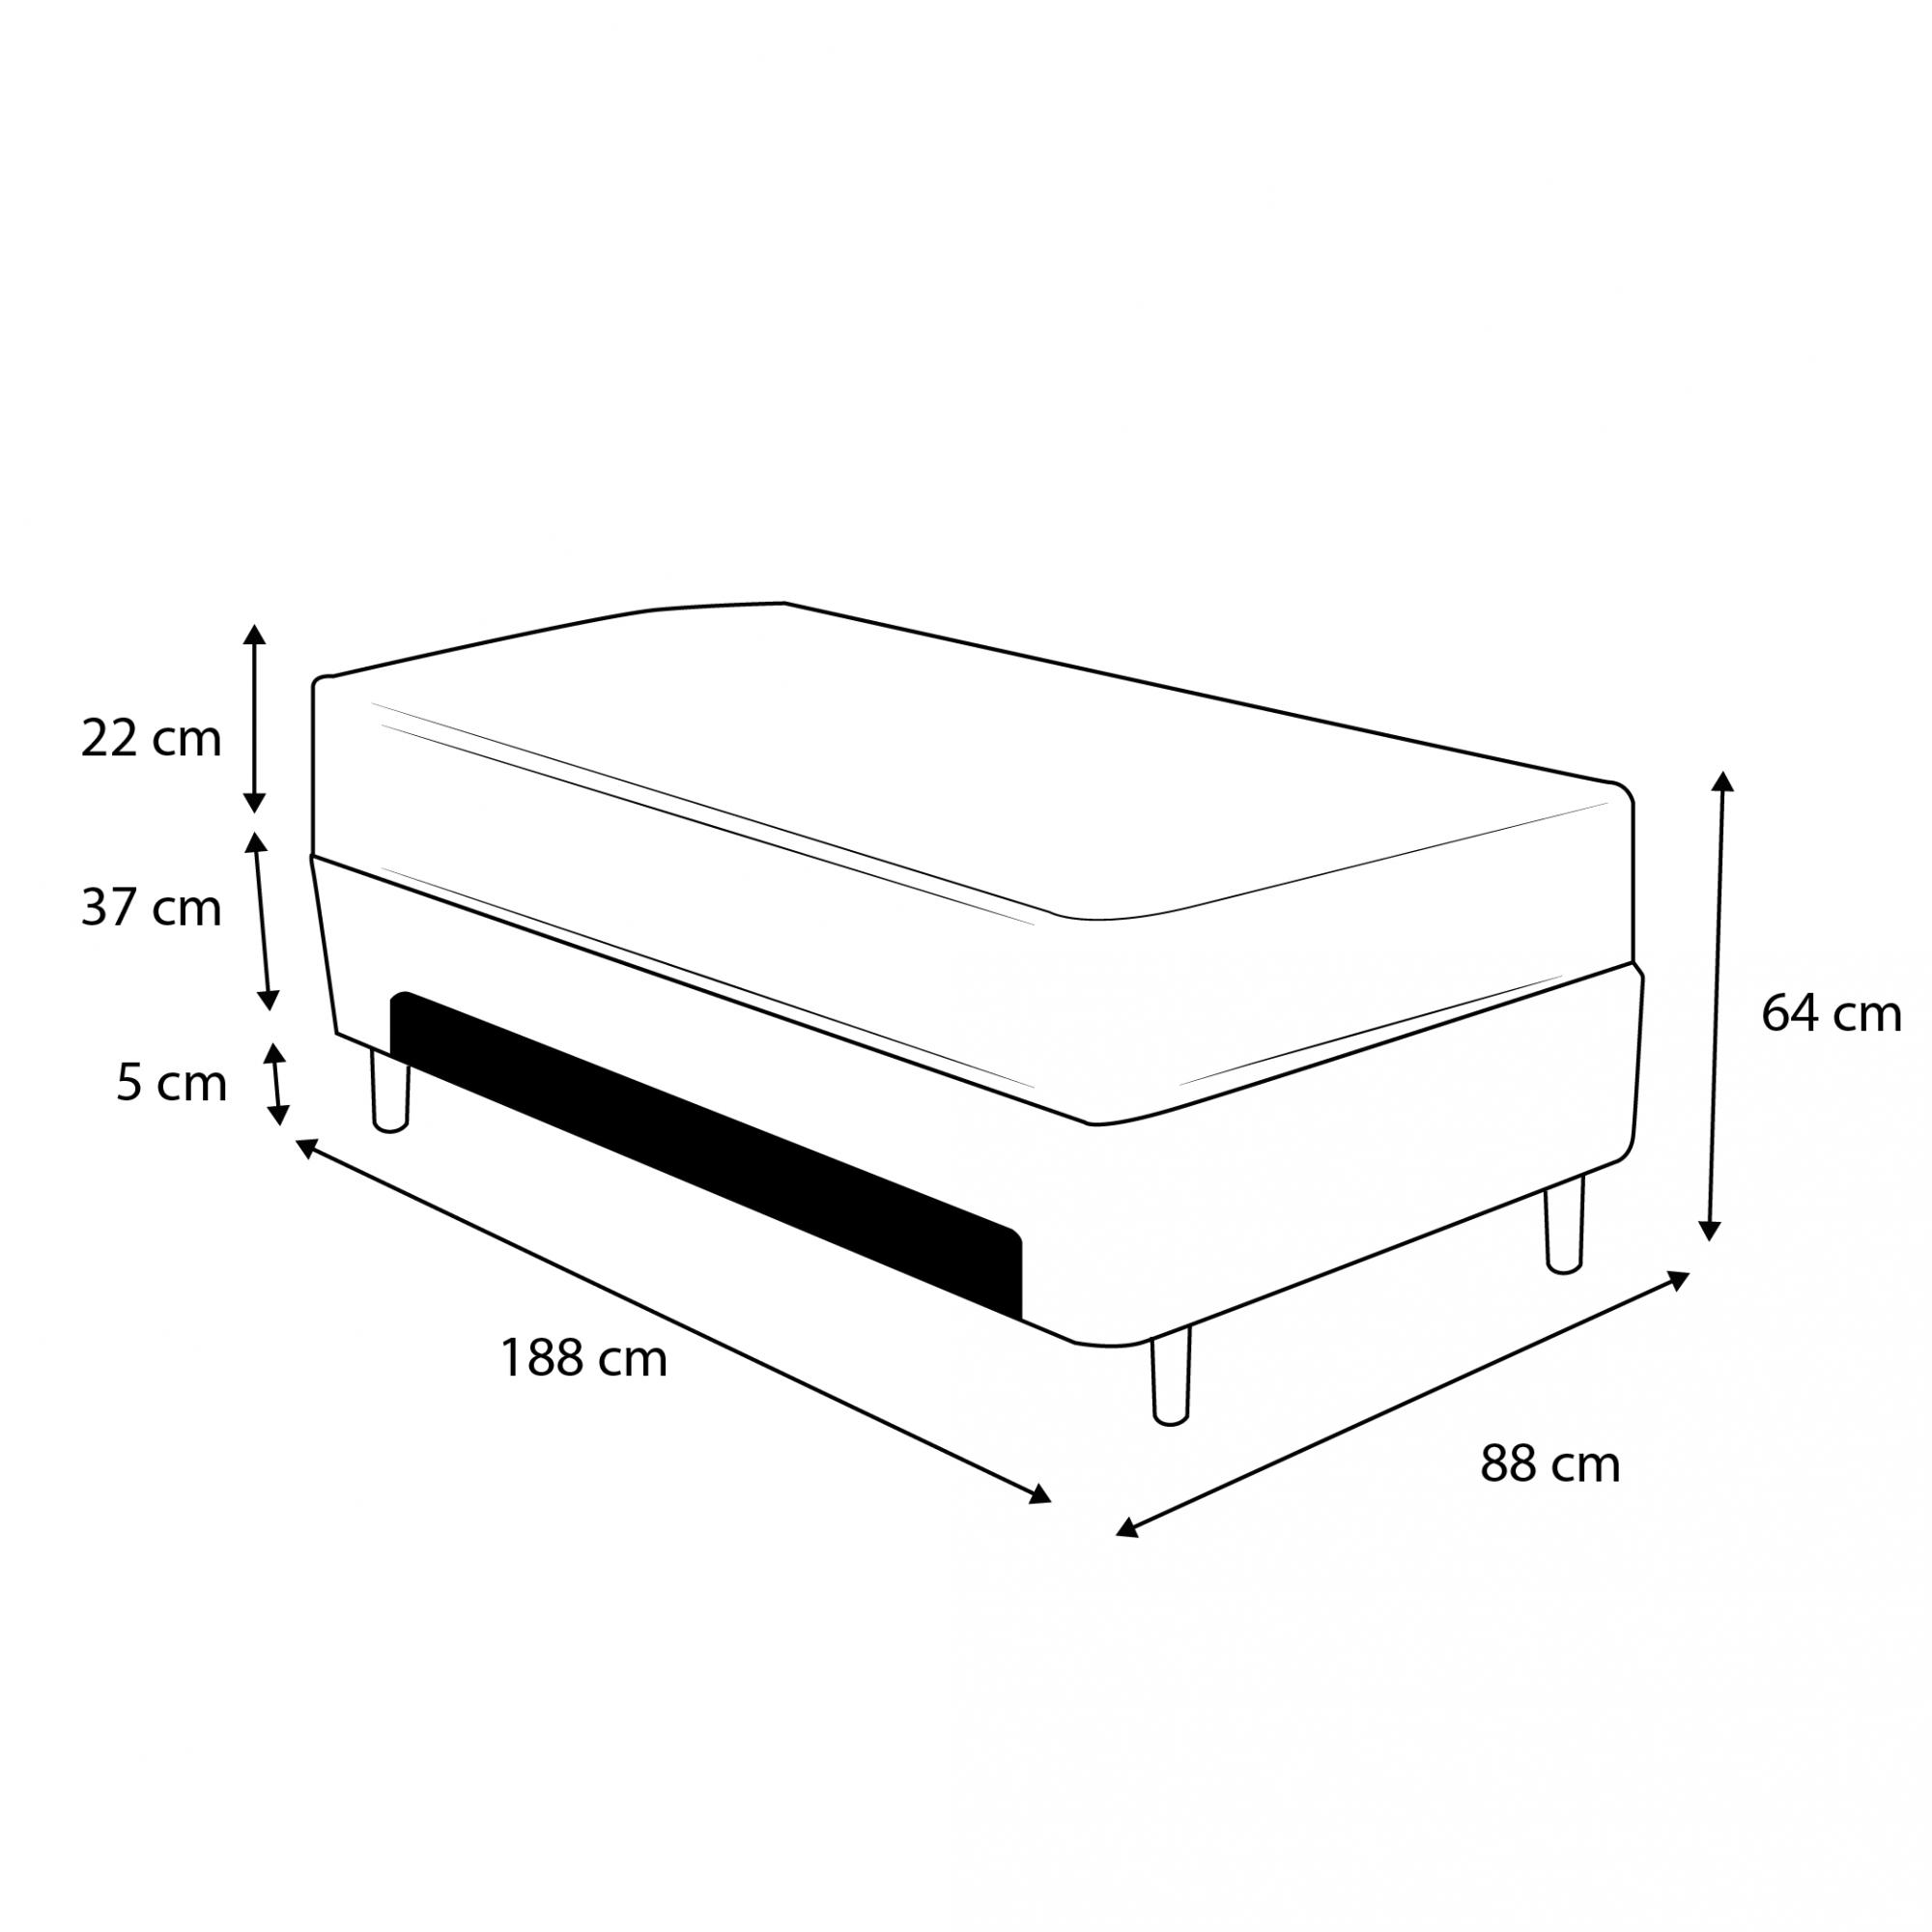 Cama Box Baú Auxiliar Solteiro Branca + Colchão Molas Superlastic Solteiro - Comfort Prime - Prime Dreams 88x188x64cm